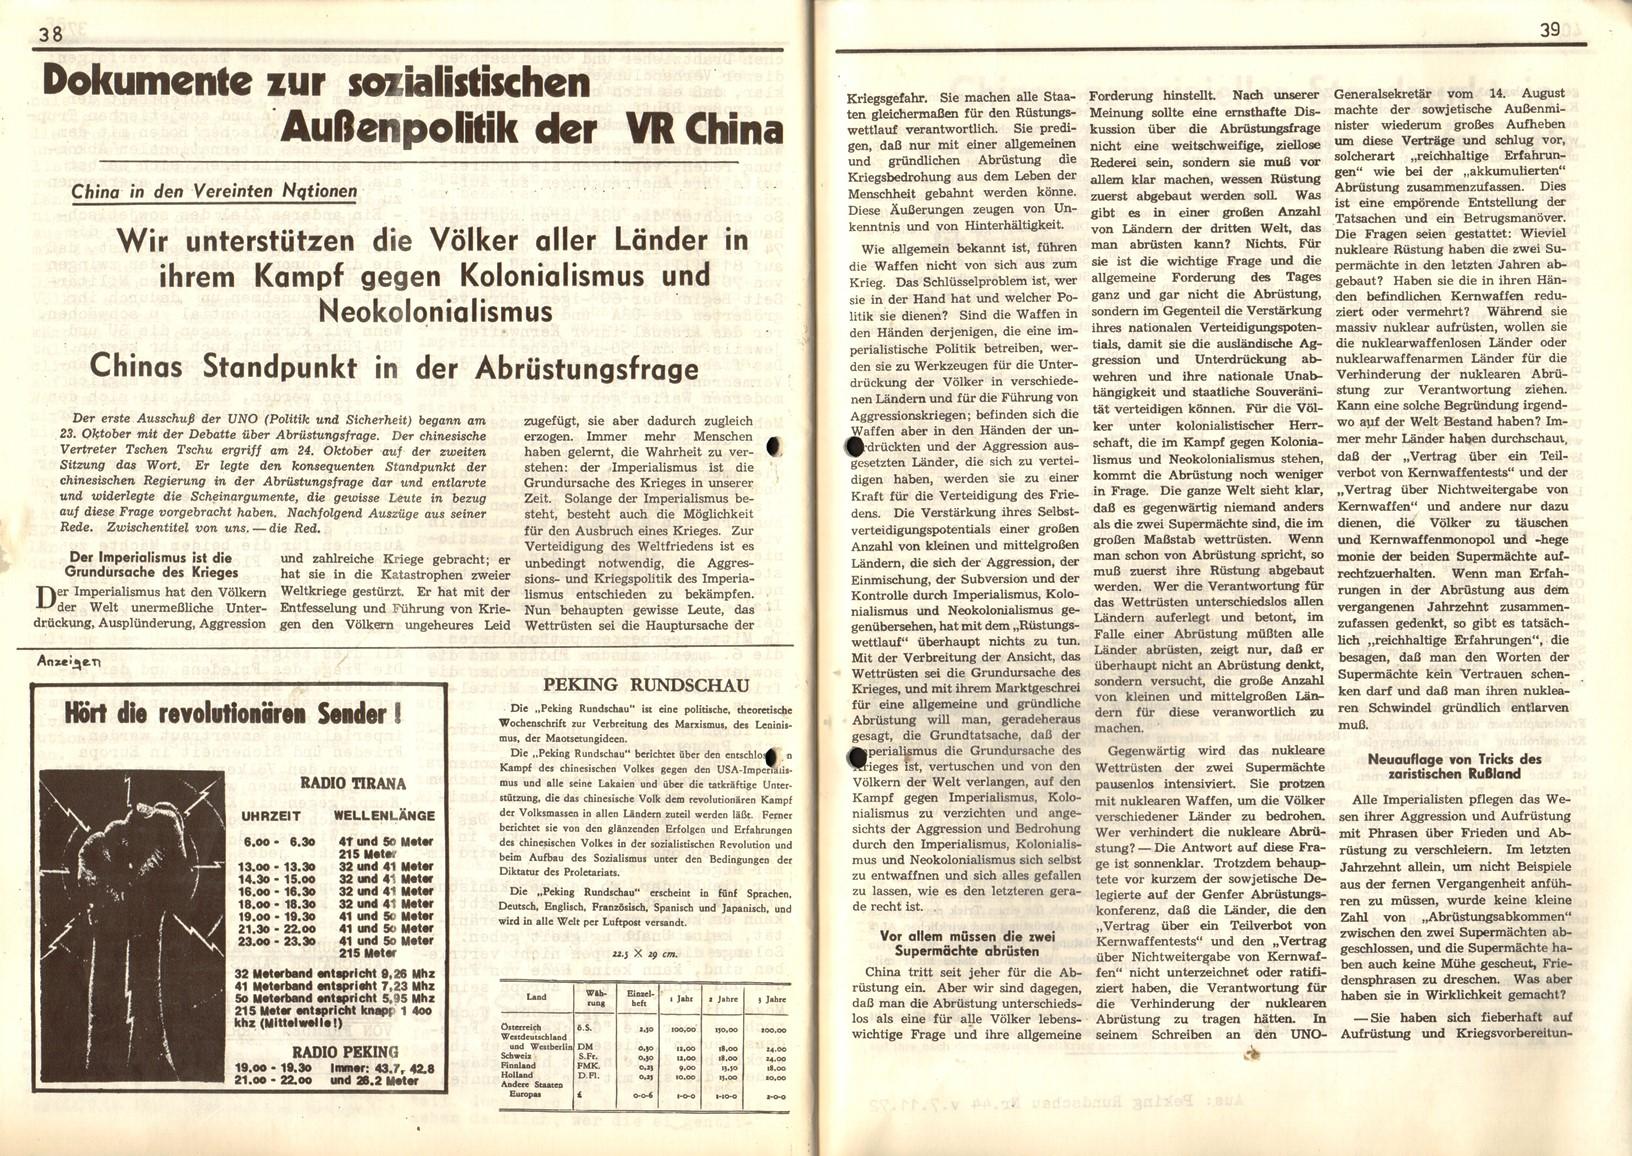 ML_Aachen_Bochum_Duisburg_1973_Breschnew_in_Bonn_20